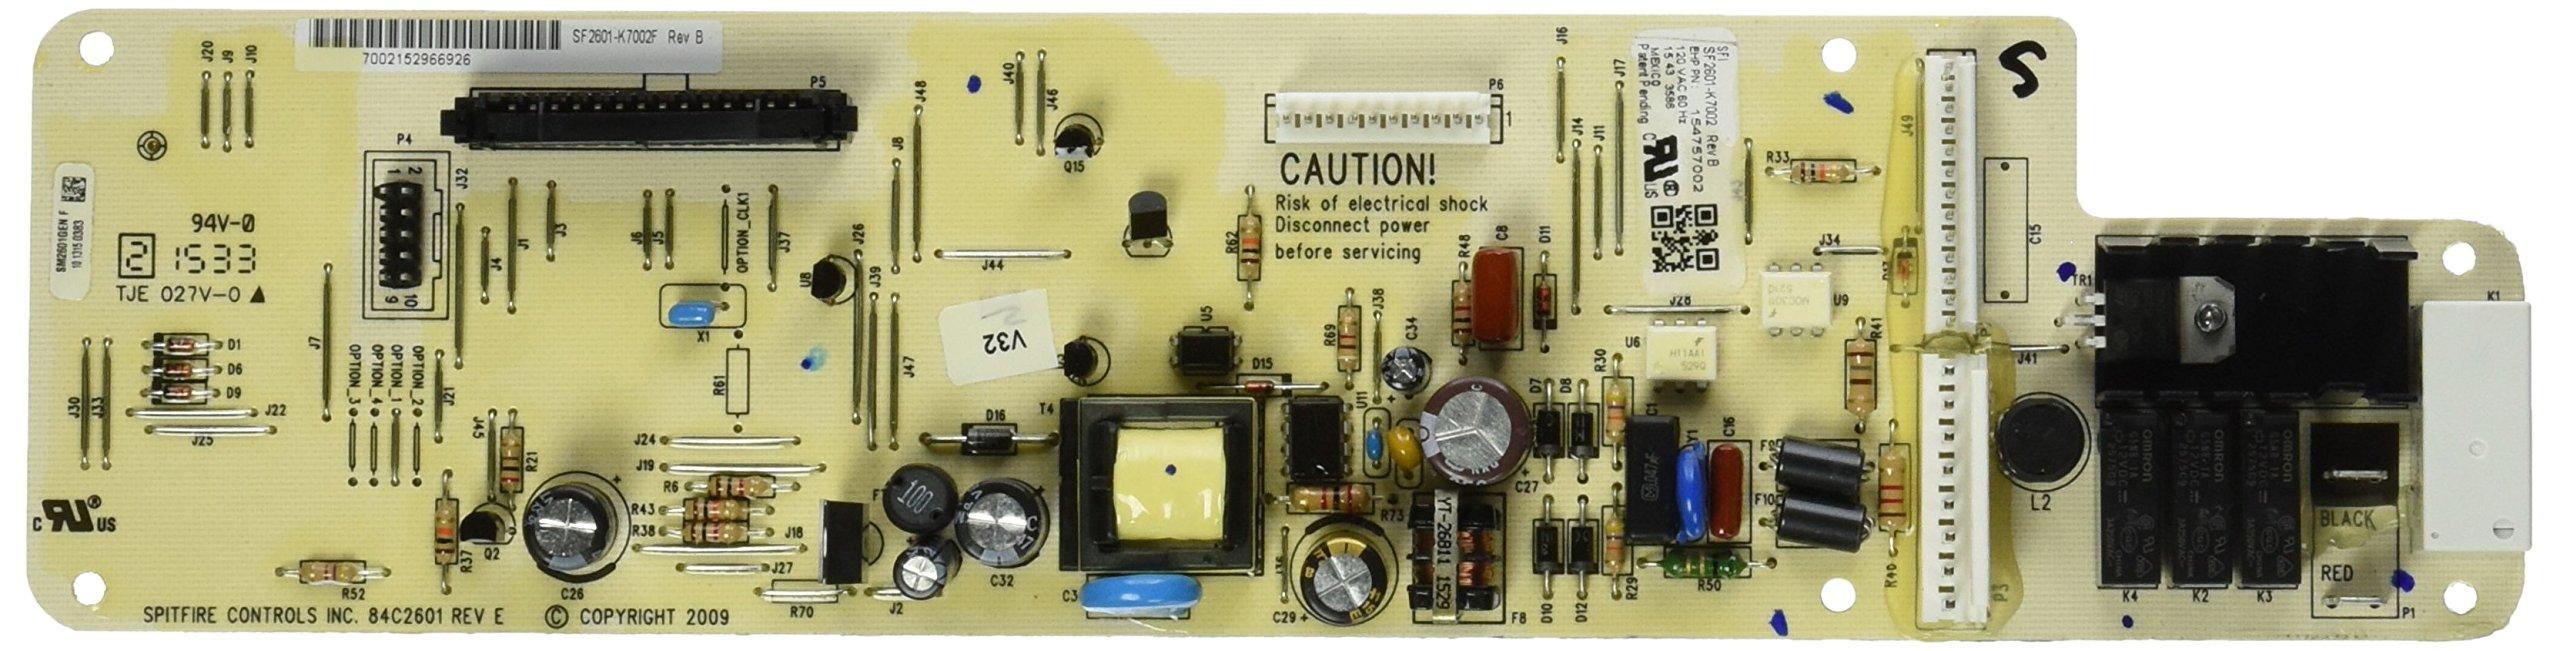 Frigidaire Dishwasher Control Board 154757002 / 154543602